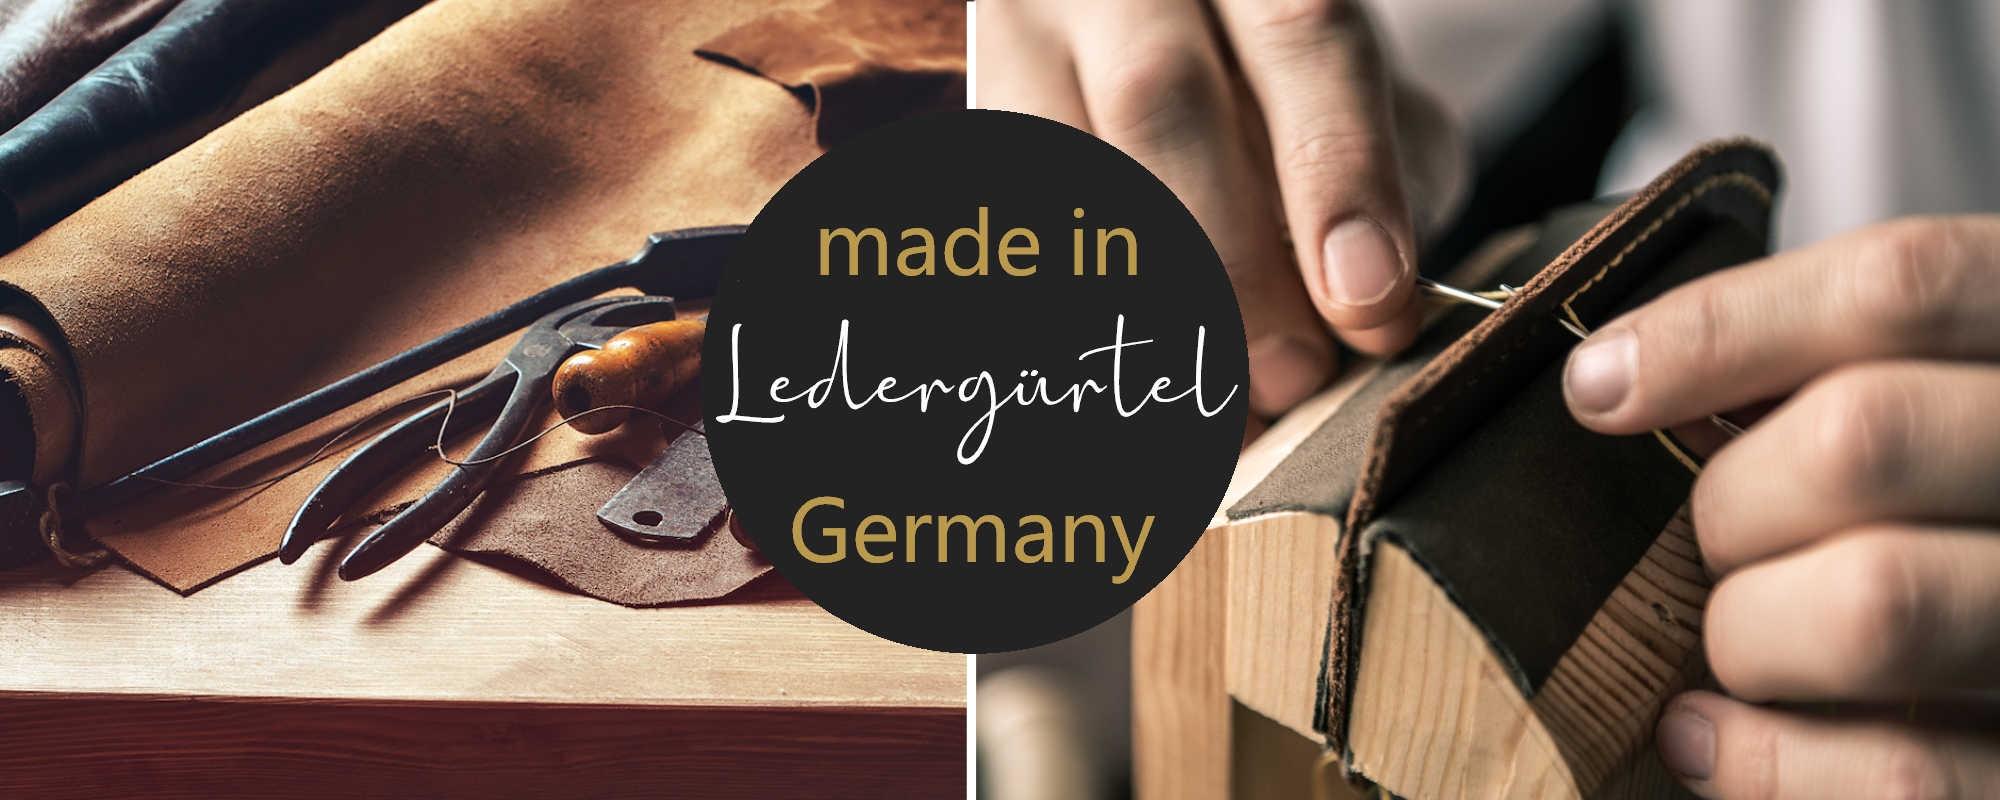 Gürtel handgemacht in Deutschland